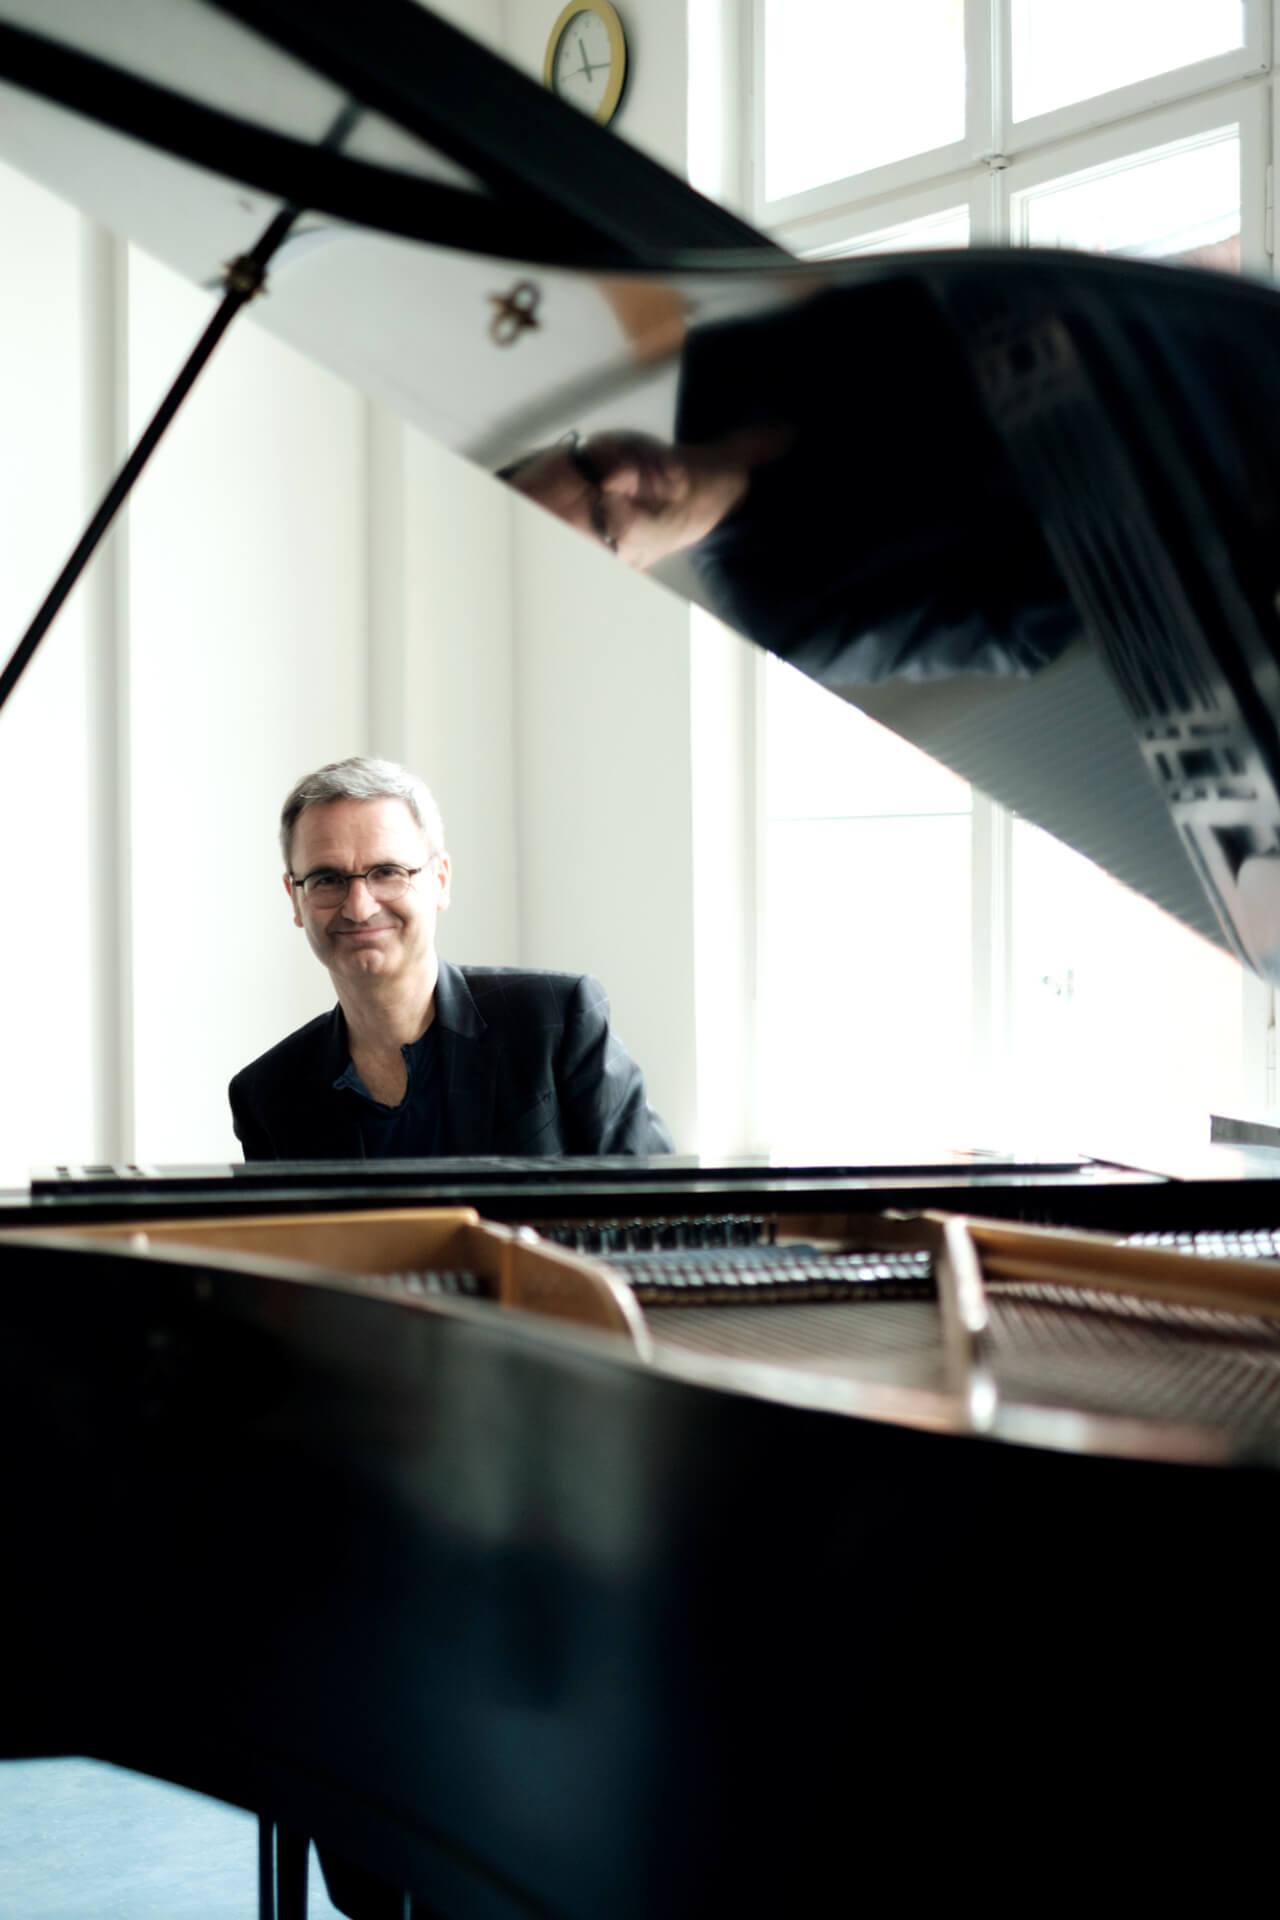 静謐な美しさを湛えた音楽が人々を魅了するベルリンのピアニスト、Henning Schmiedt緊急インタビュー interview_henning_schmiedt_03